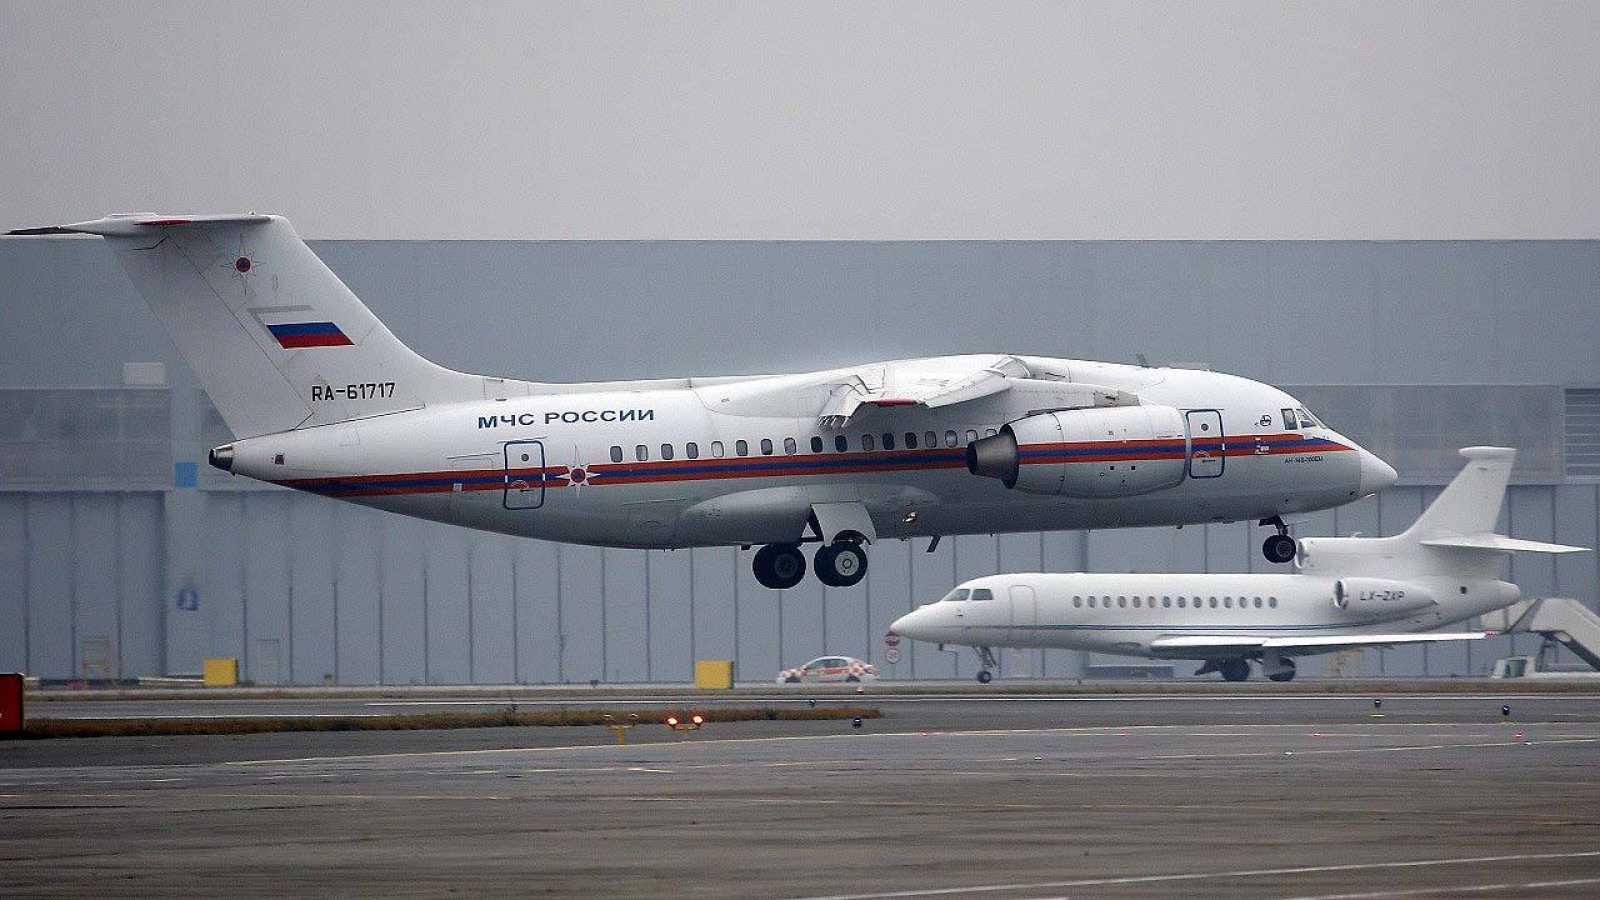 Un avión del Ministerio ruso de Emergencias, con restos de las víctimas del vuelo Airbus A321, llega al aeropuerto de Pulkovo, en San Petersburgo. REUTERS/Dmitry Lovetsky/Pool